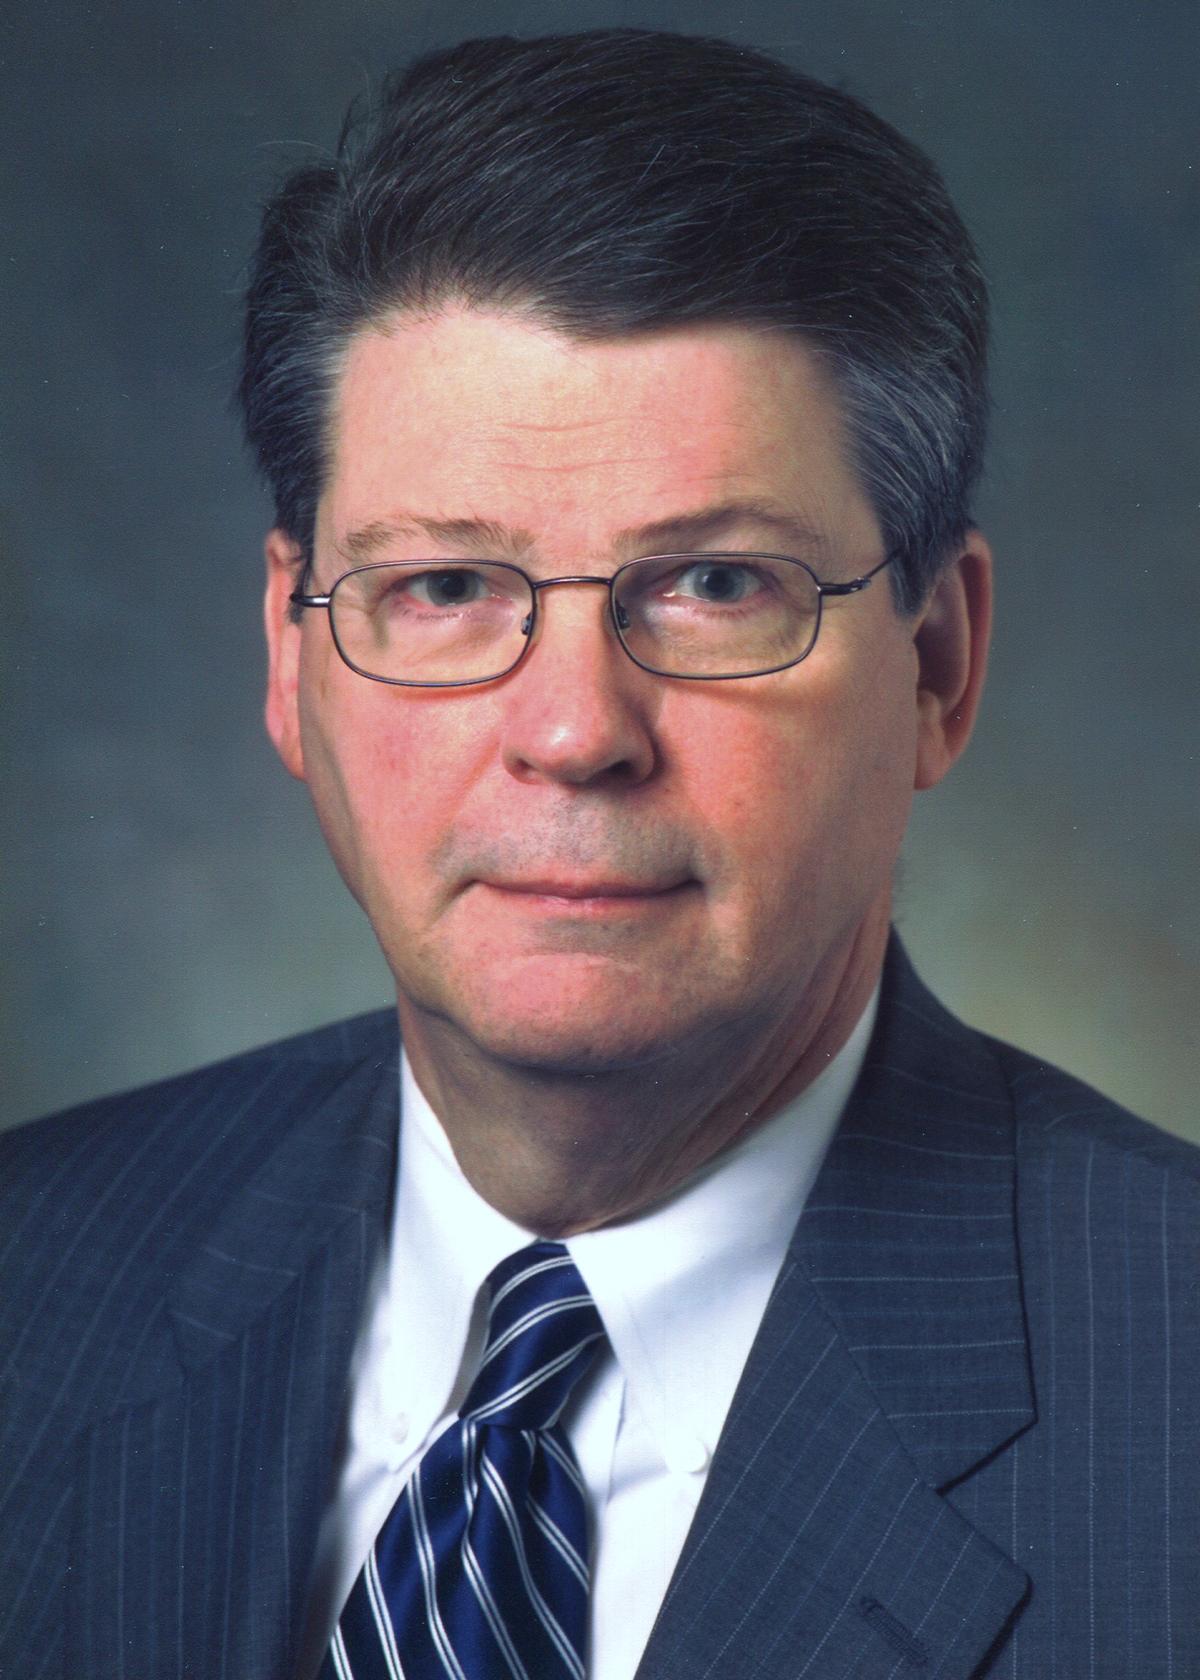 Vincent Schoemehl - Commissioner, Missouri